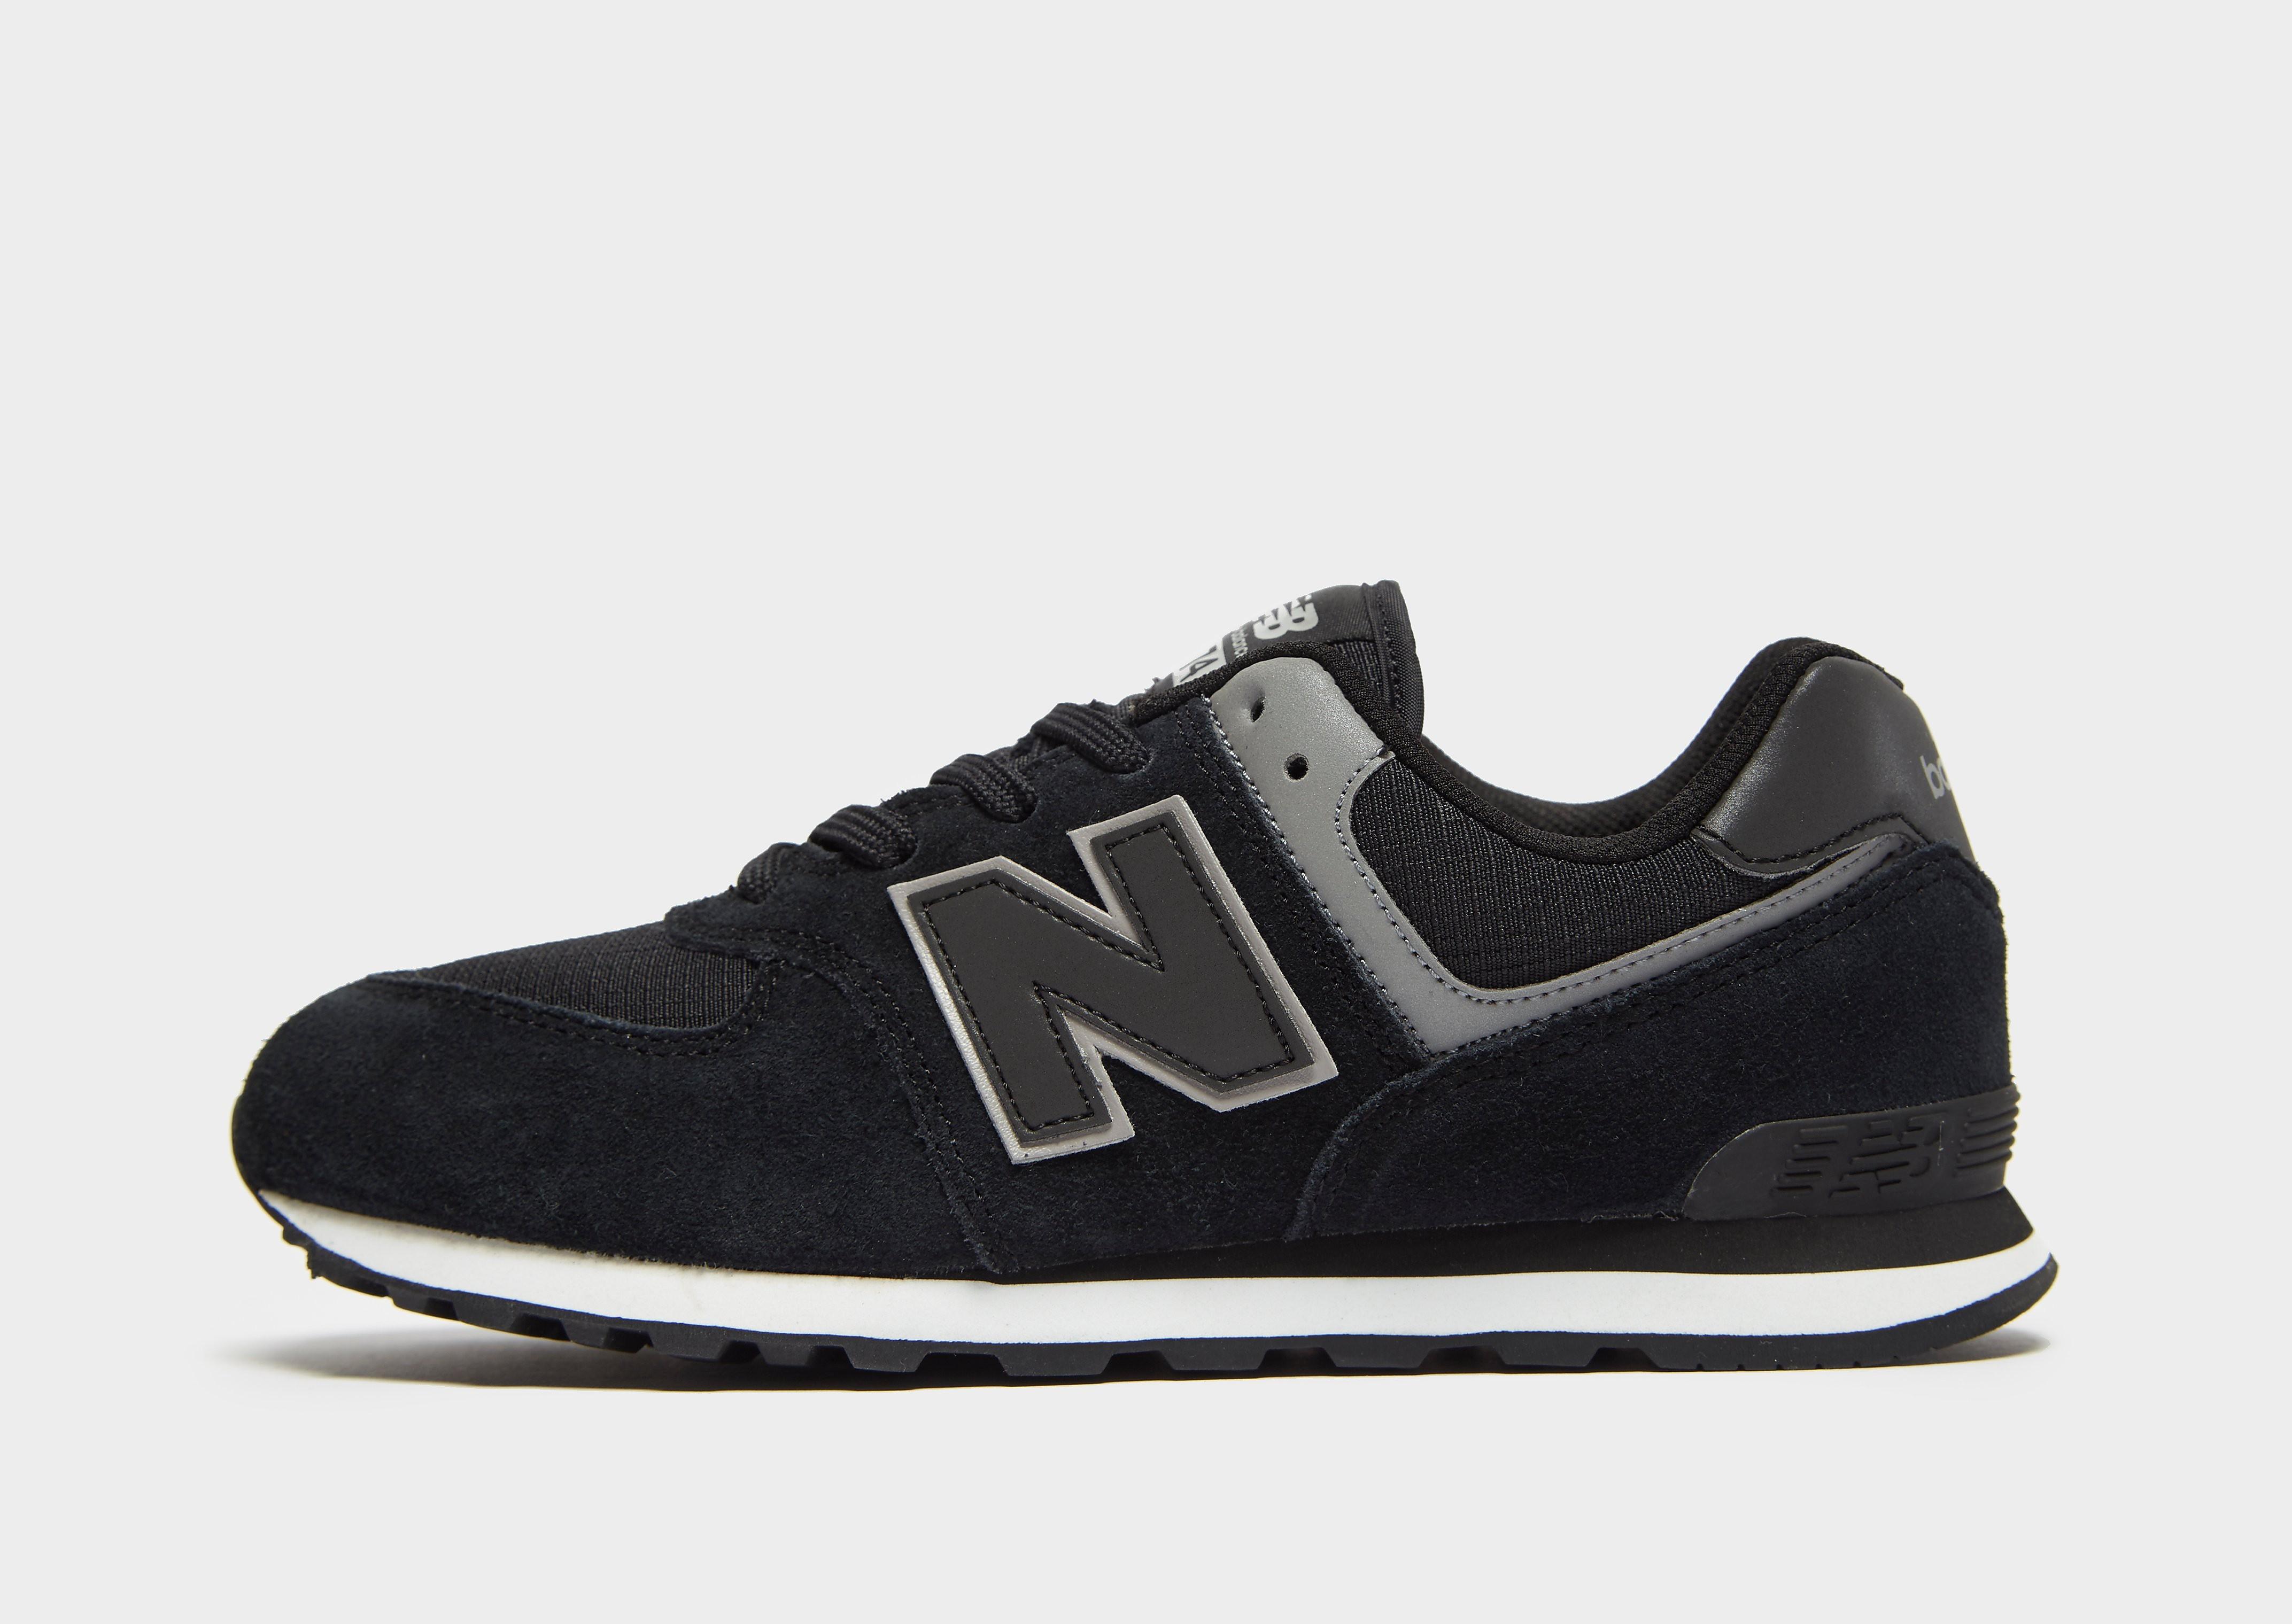 New Balance 574 kindersneaker zwart en grijs